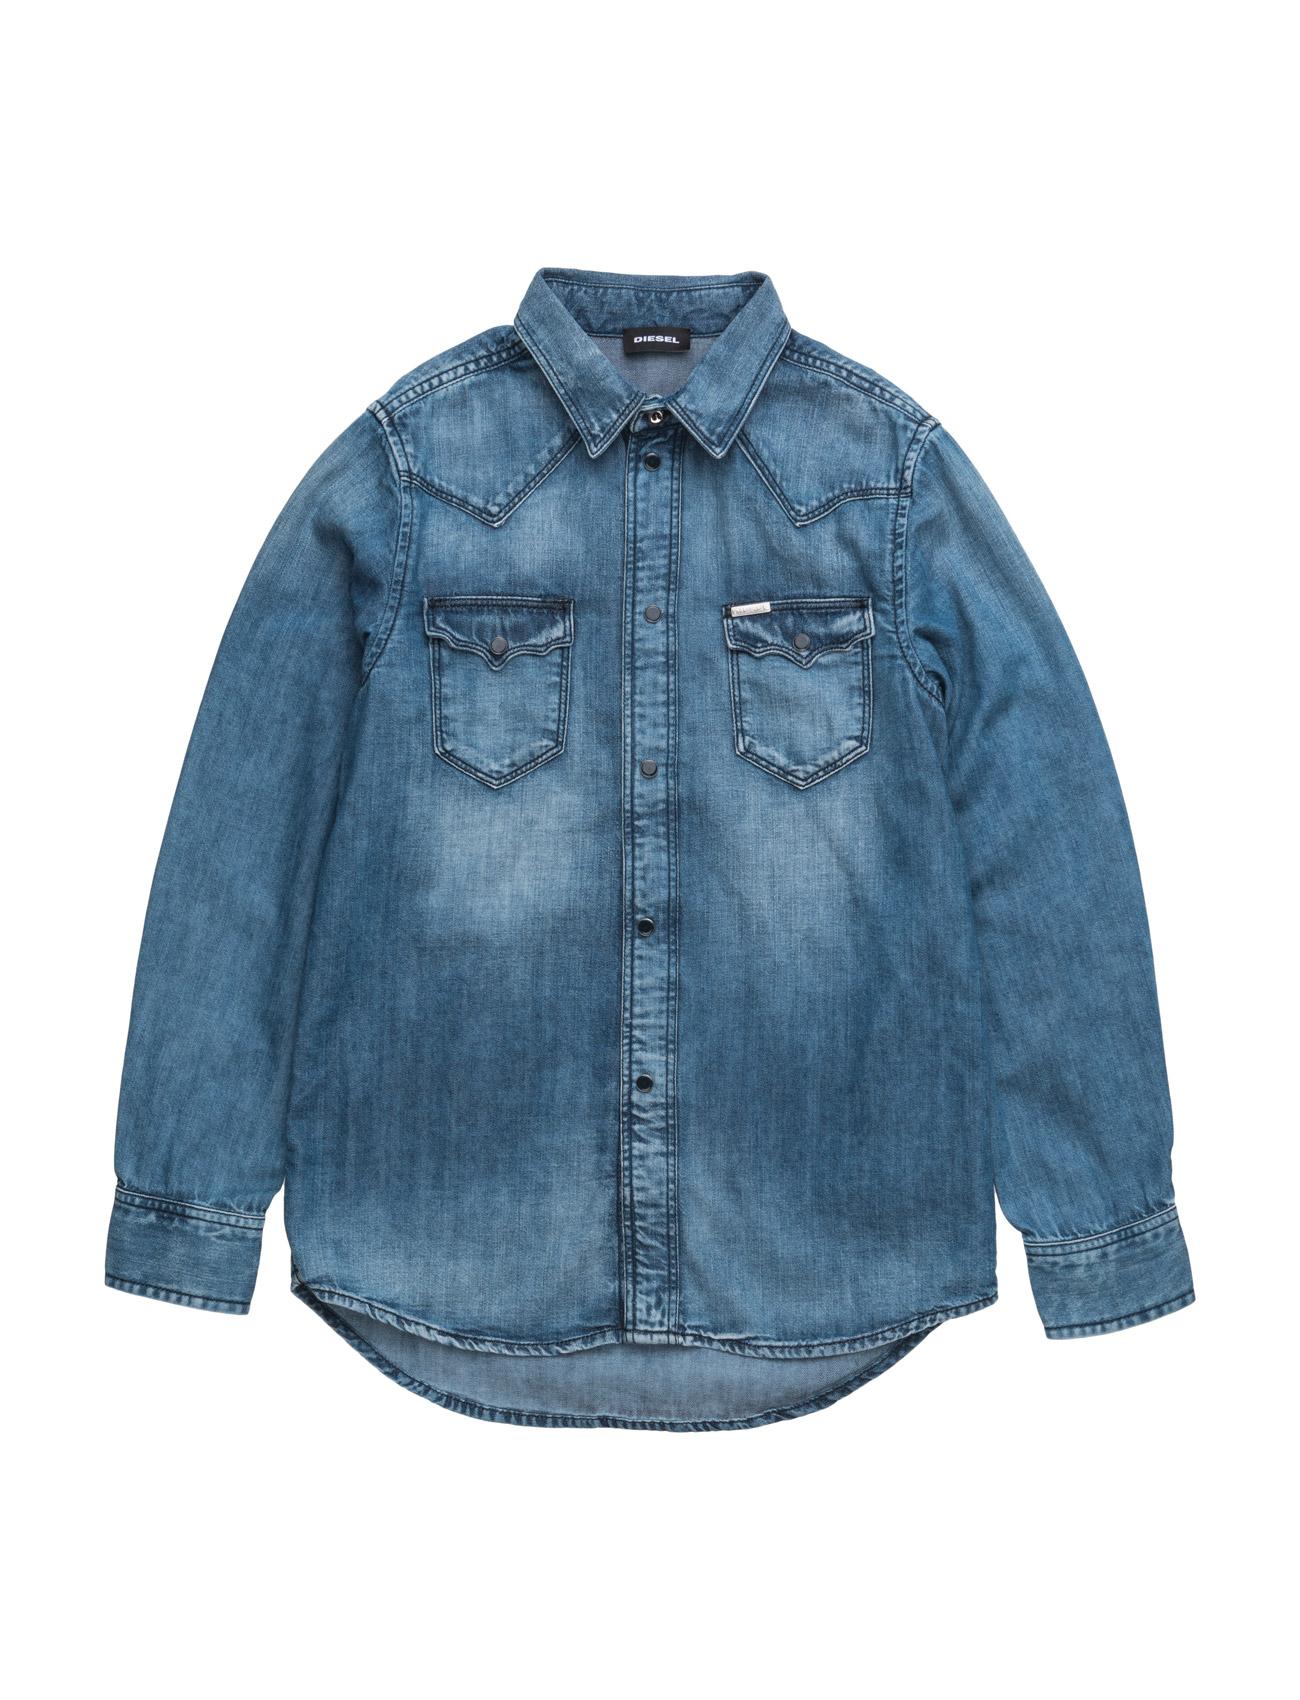 Citros Shirt Kxa0i Diesel Trøjer til Drenge i Denim